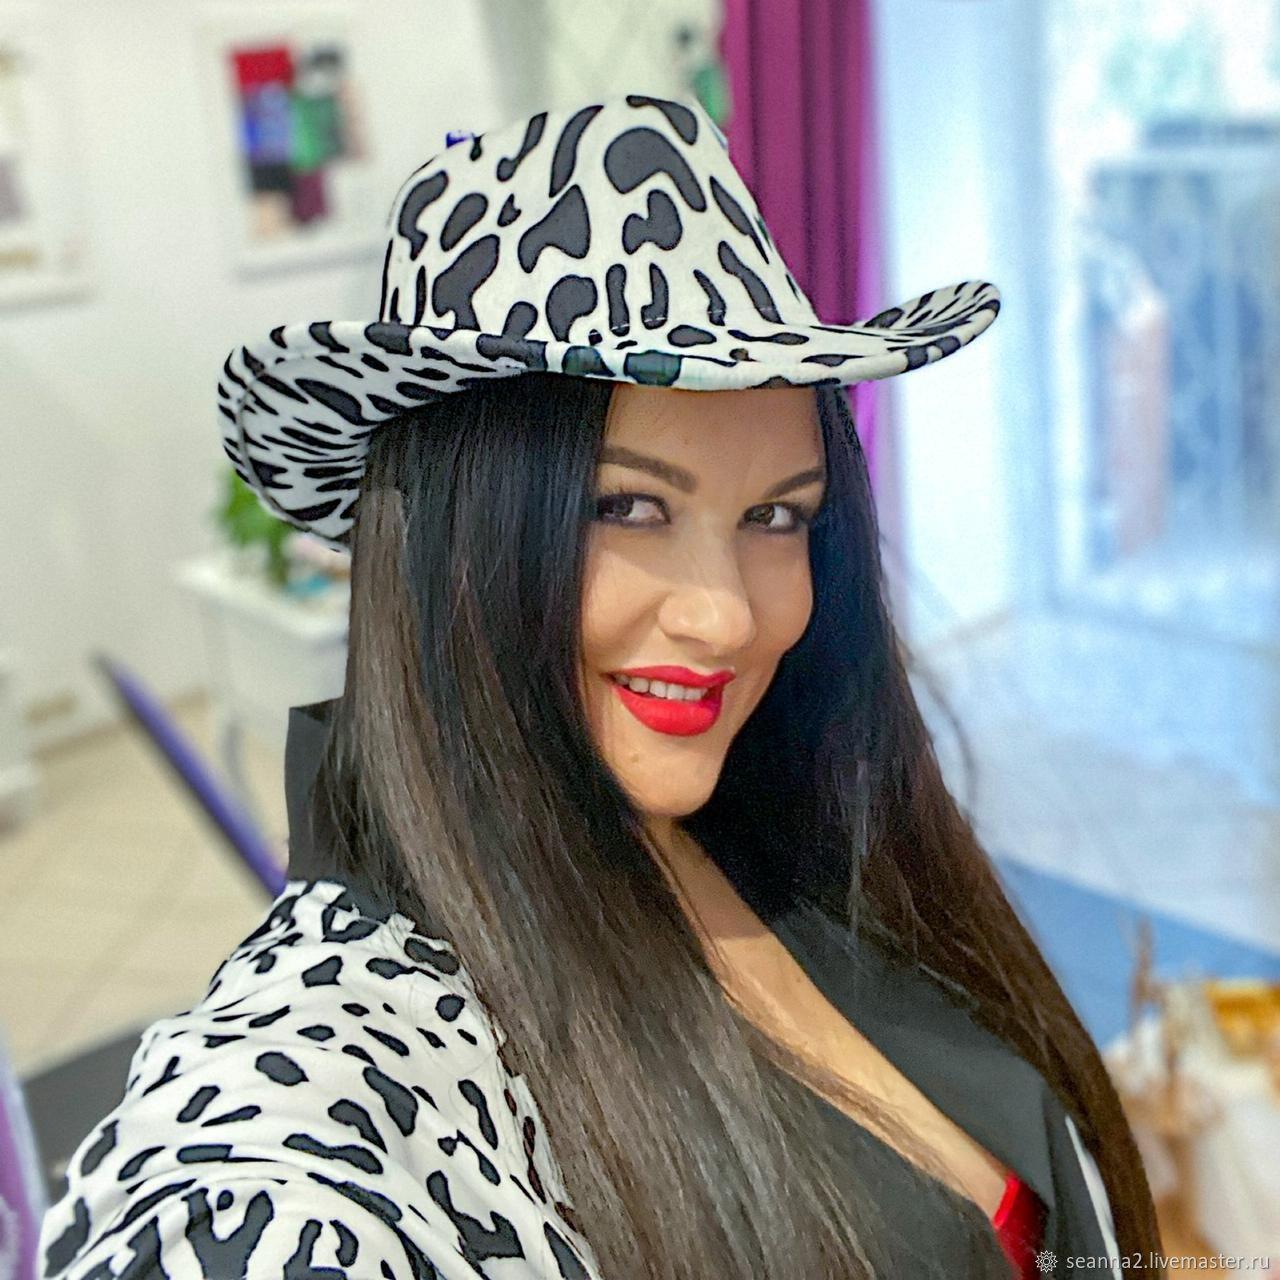 Шляпка Федора Белый леопард, Шляпы, Воронеж,  Фото №1